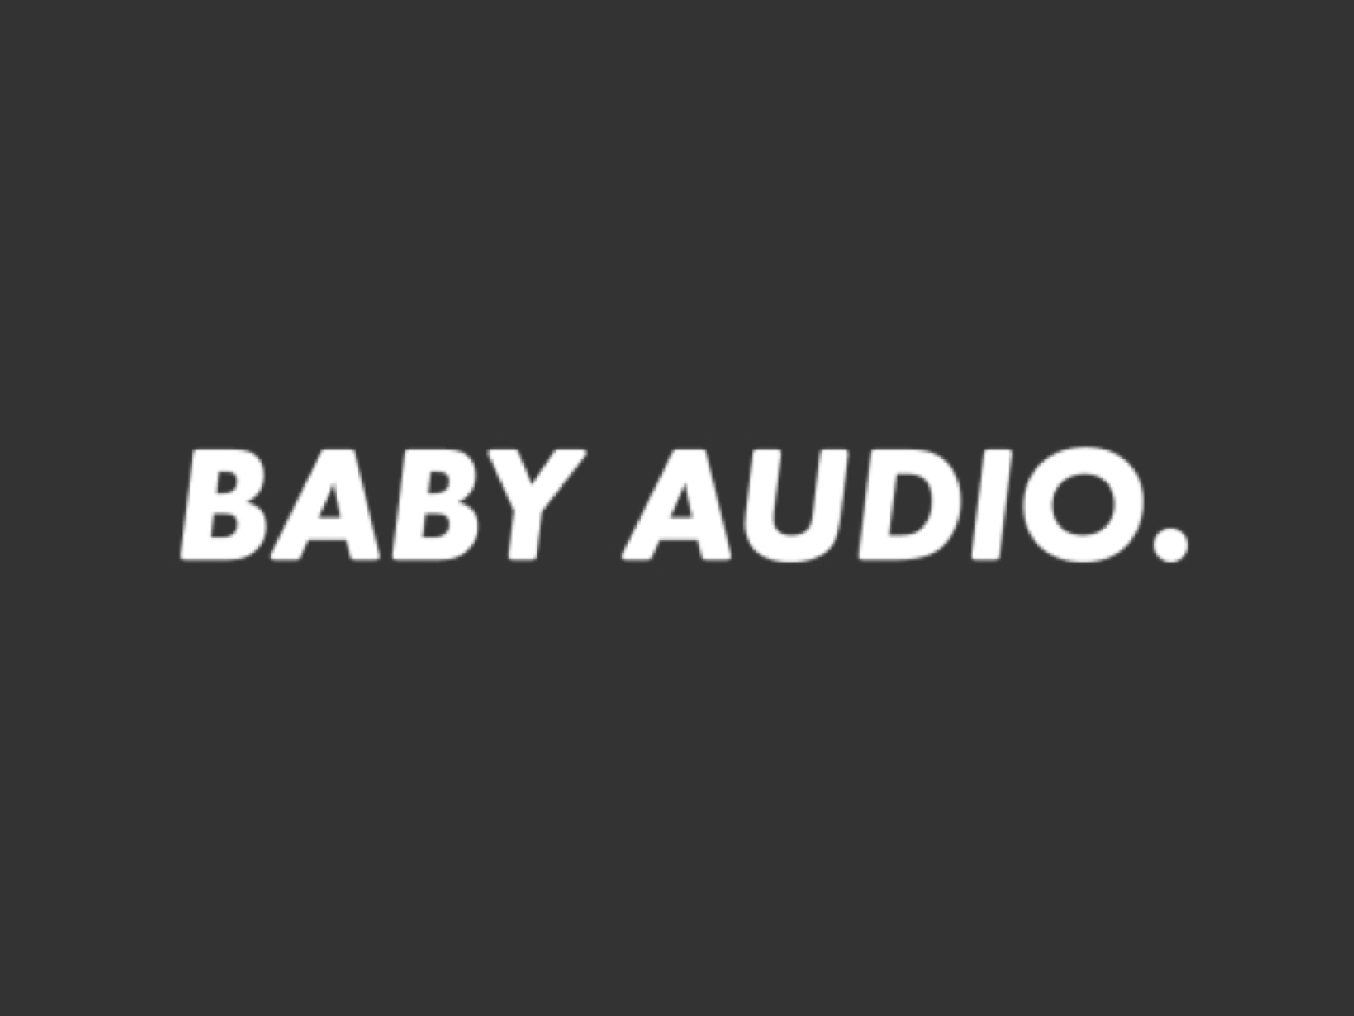 Baby Audio